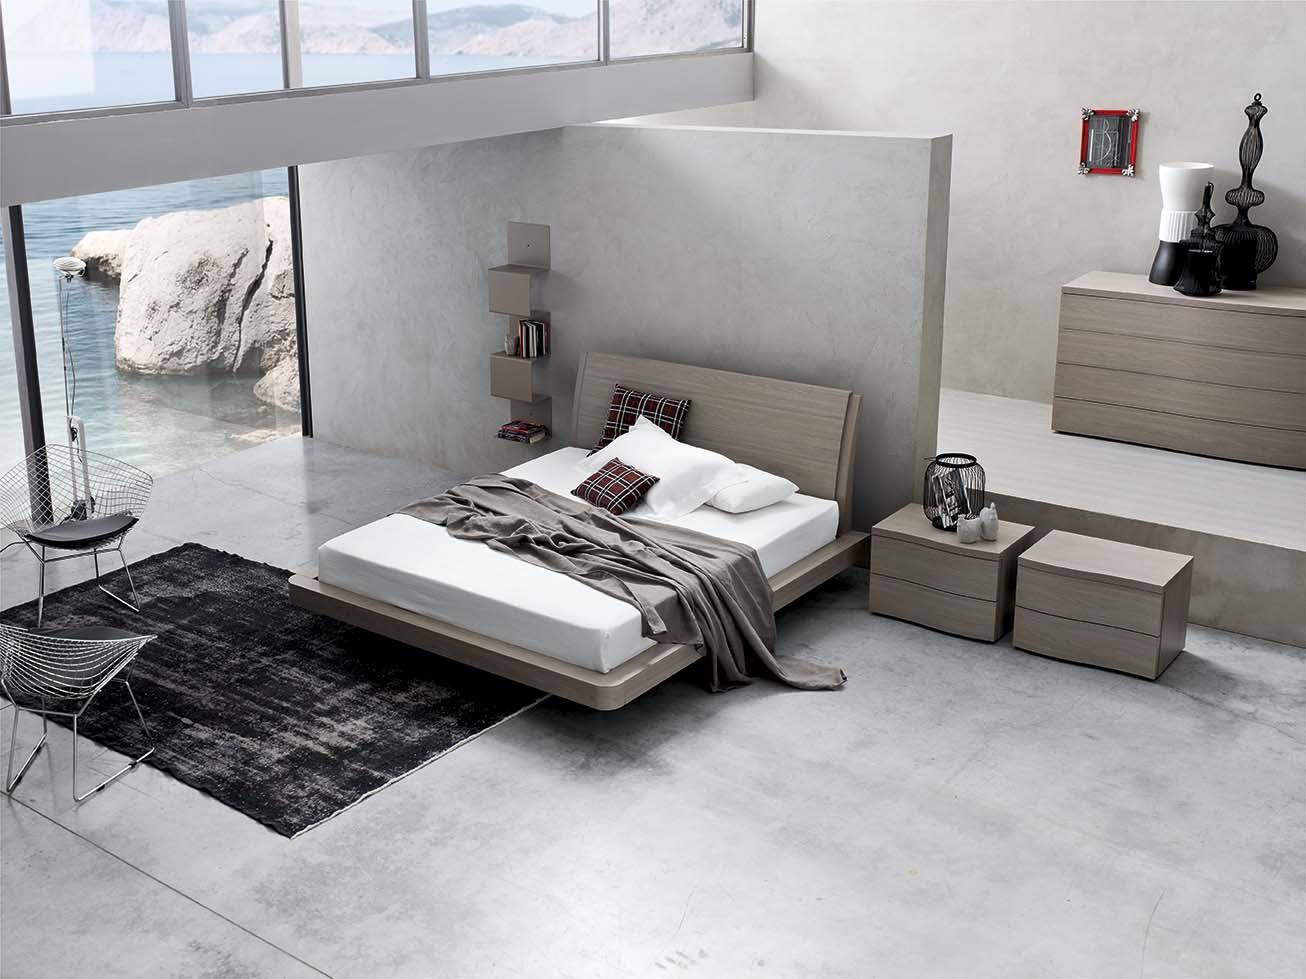 Camera Da Letto In Rovere Grigio : Camera da letto rovere cenere watch: abbinamento colori rovere